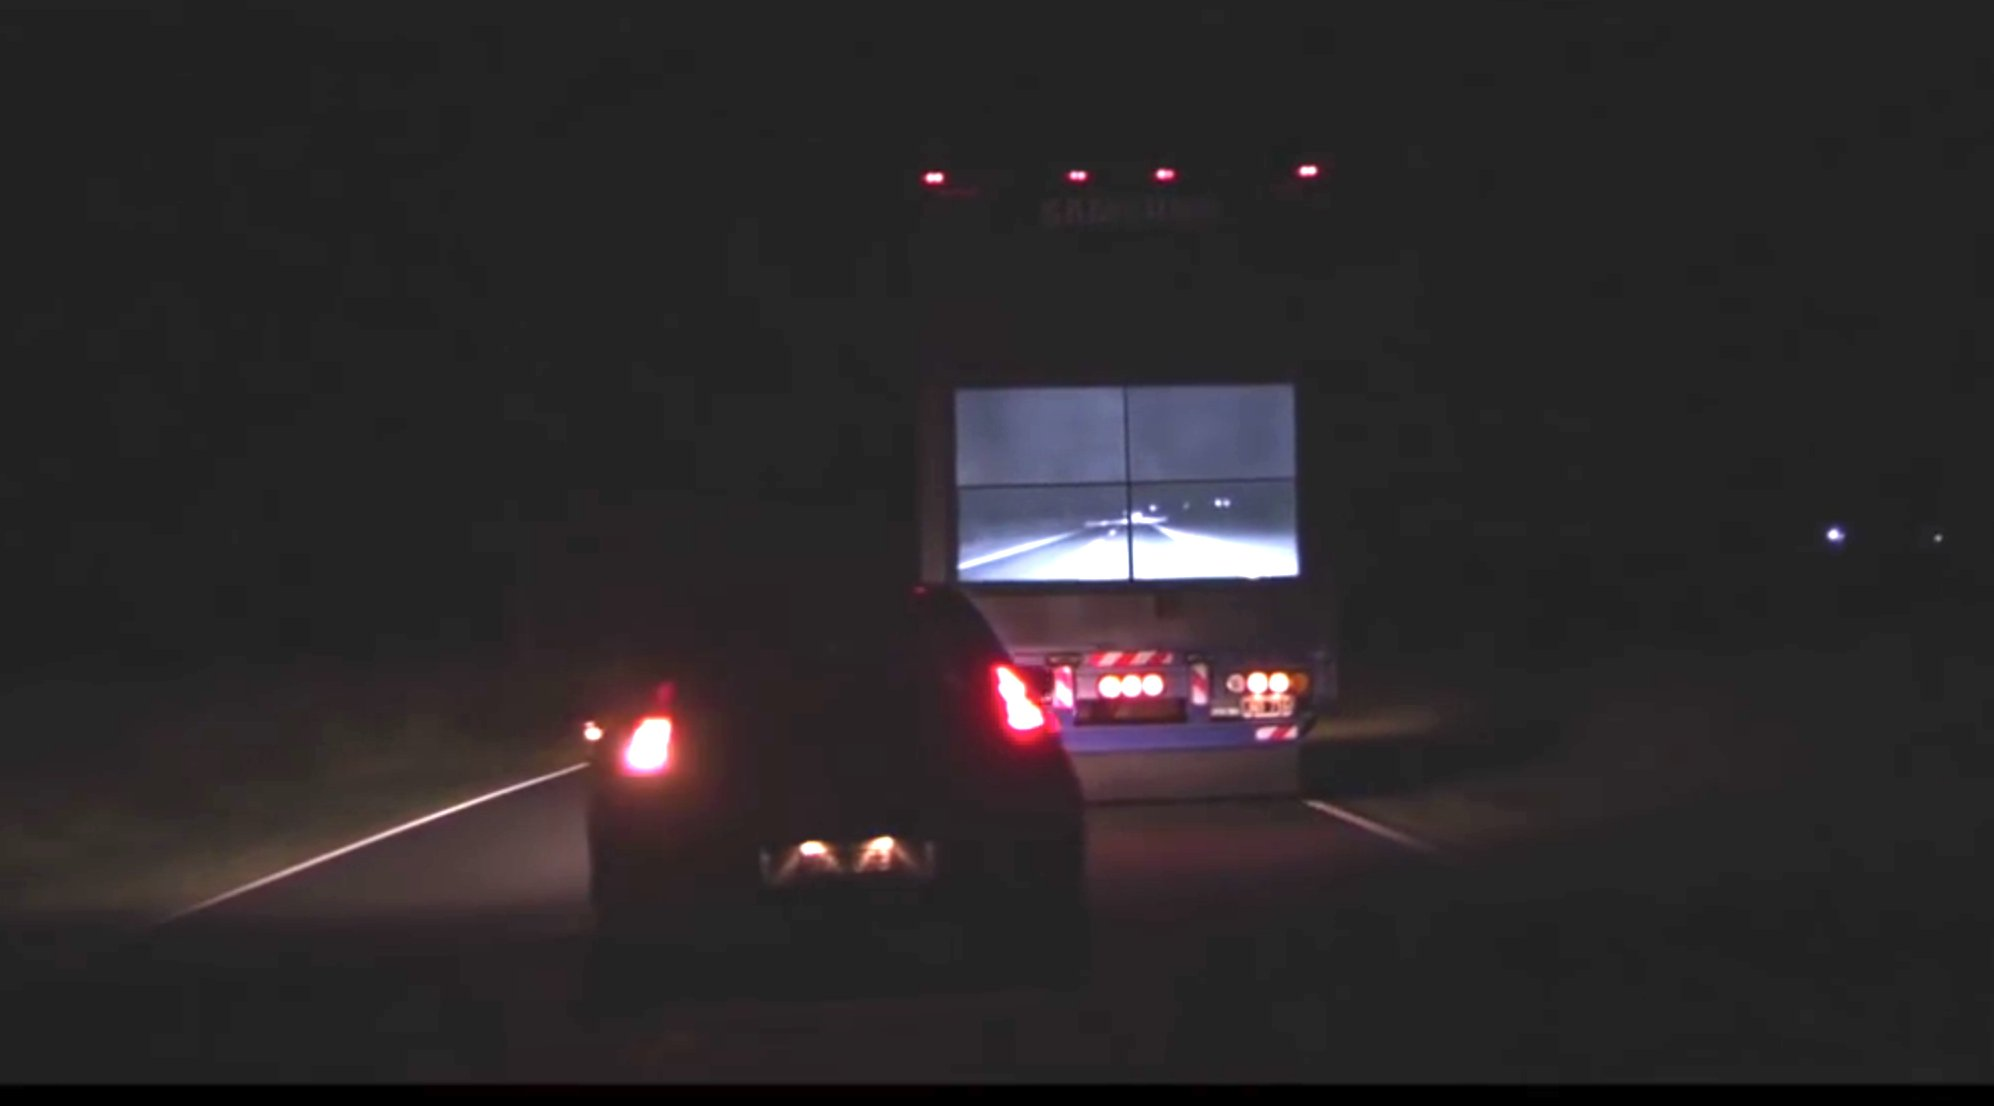 Überholen eines Samsung Safety Trucks bei Nacht: Auch bei Dunkelheit liefert das Display brauchbare Informationen.